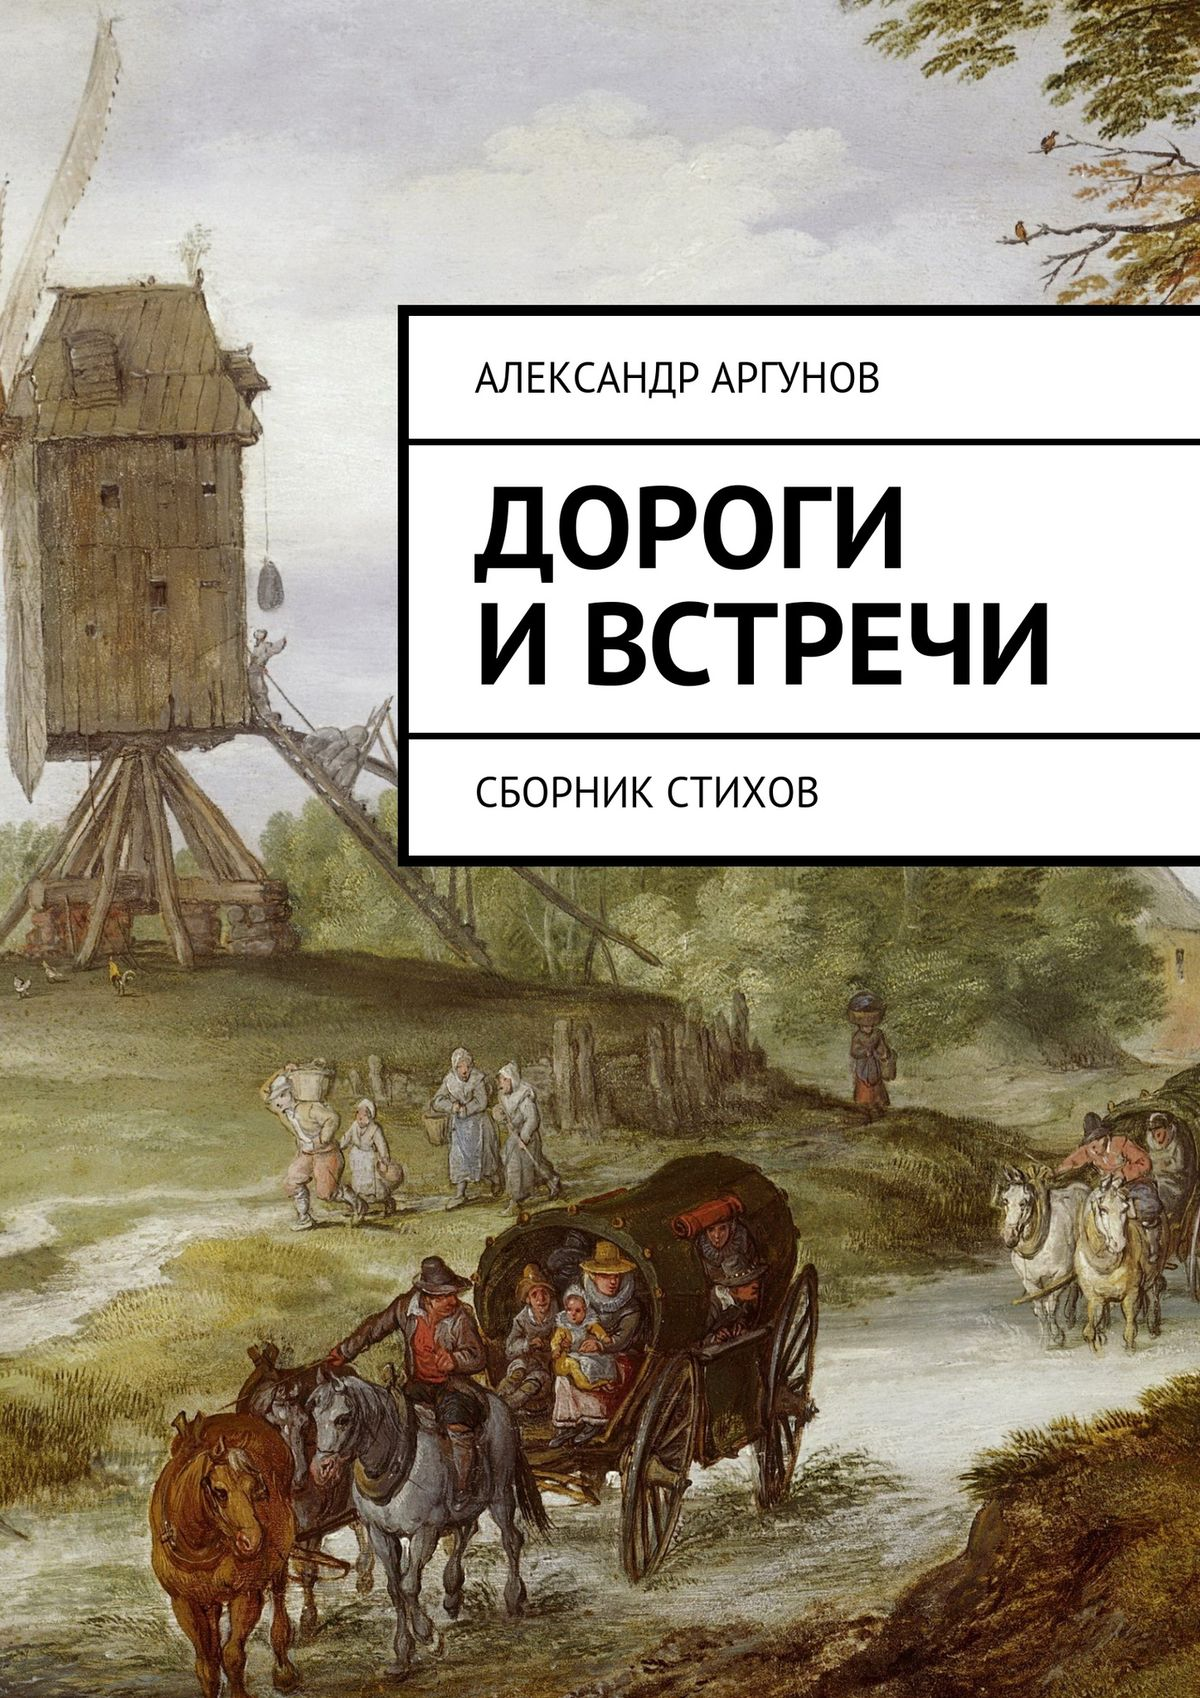 Александр Аргунов Дороги ивстречи. Сборник стихов